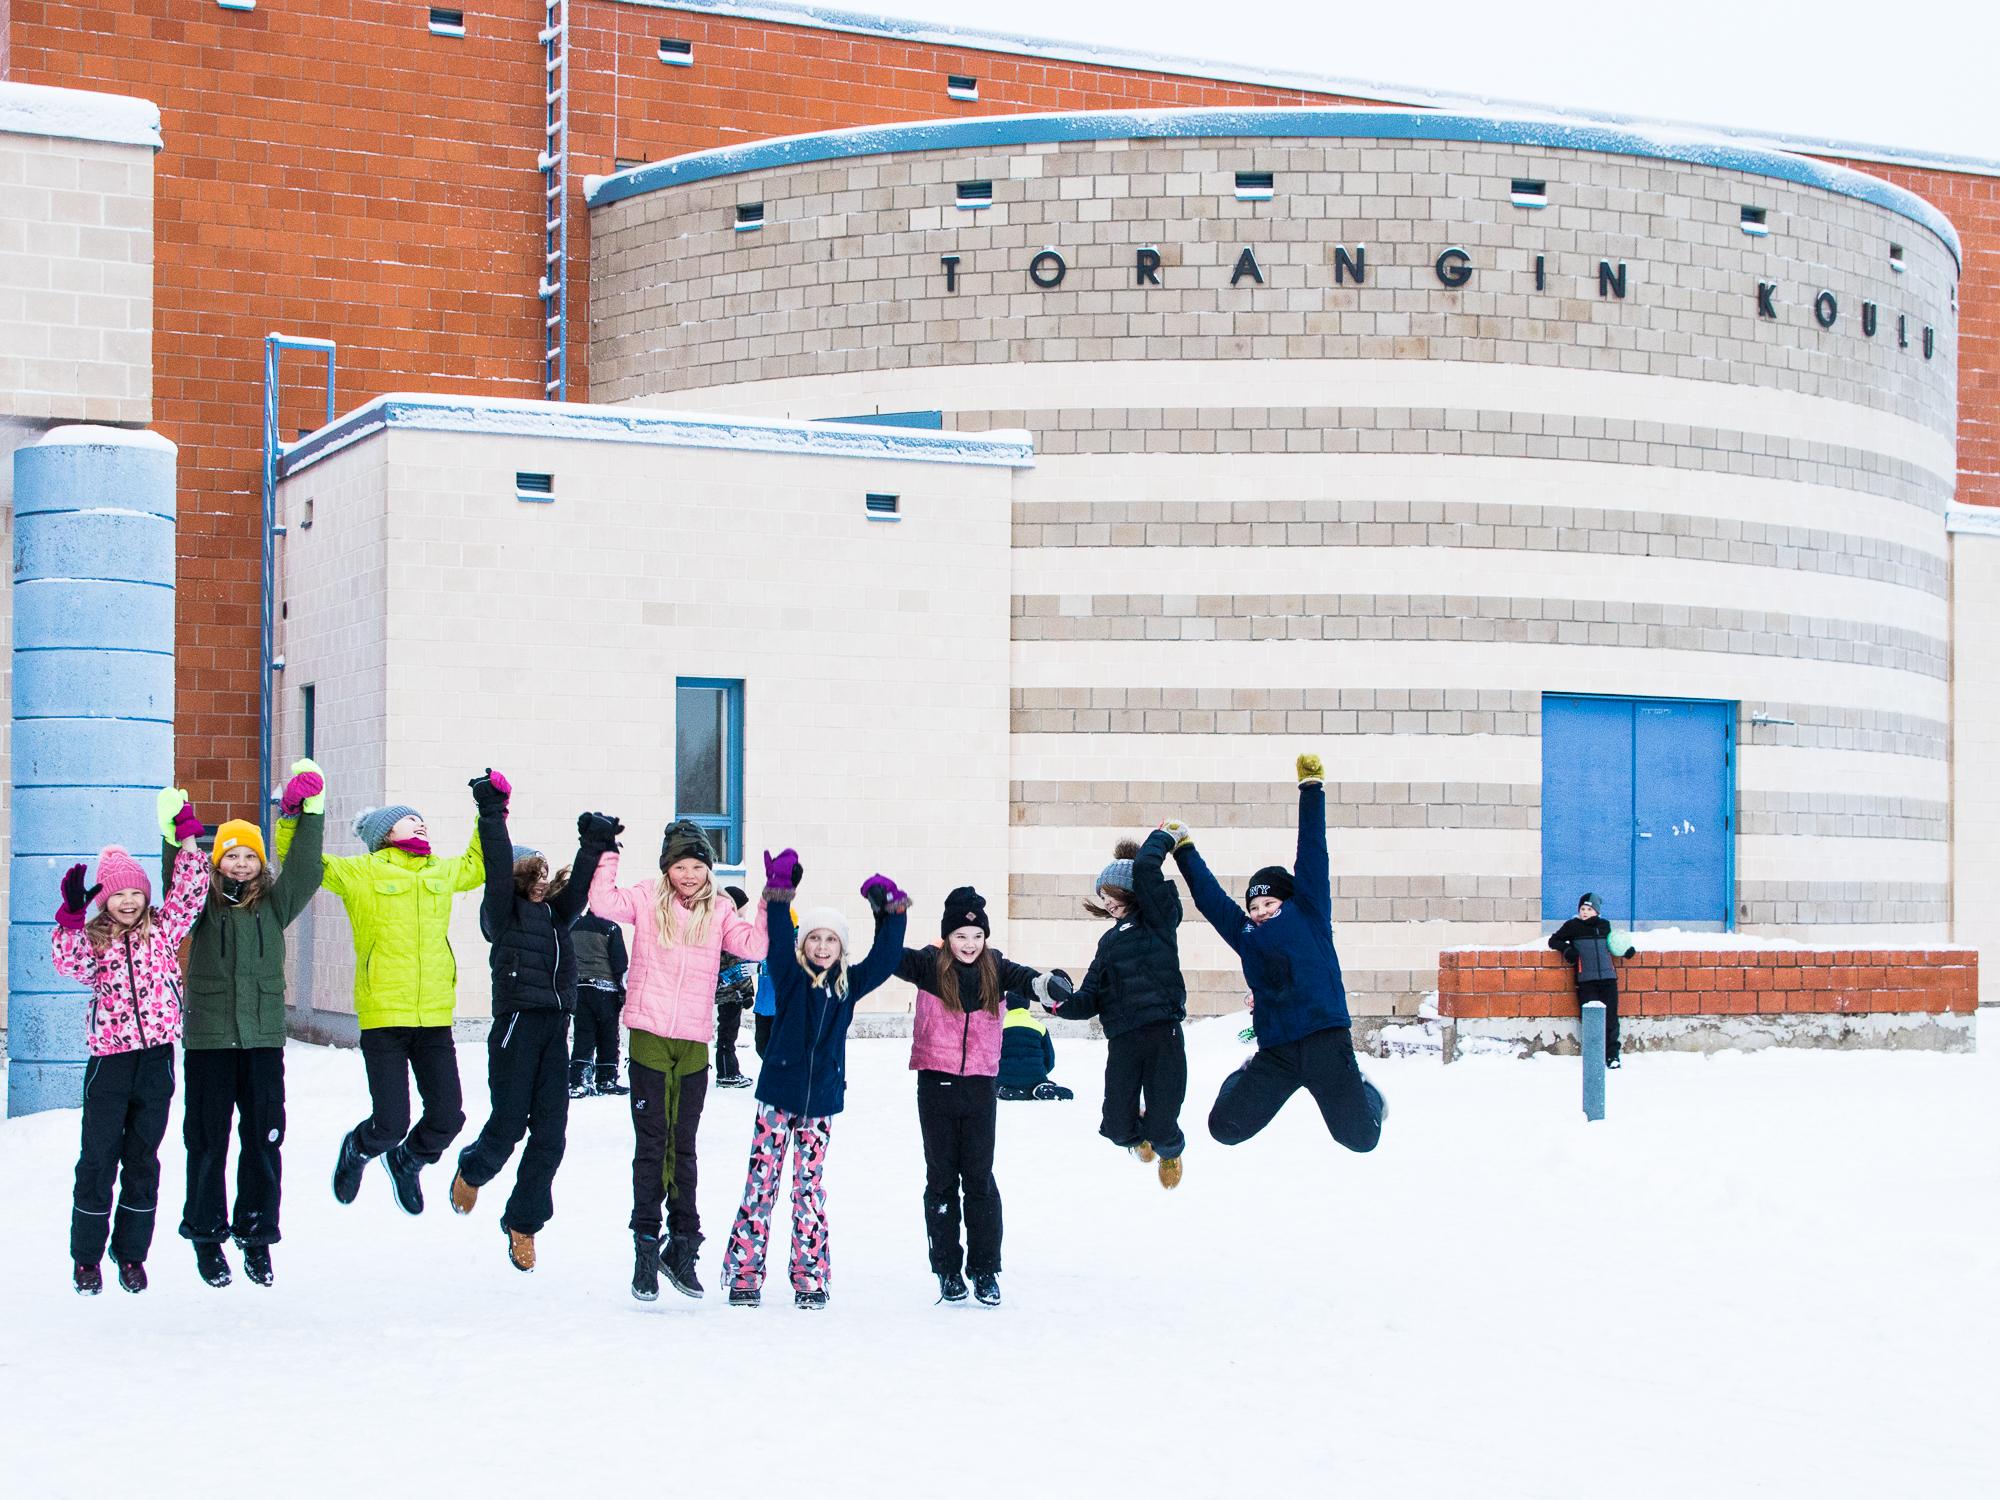 Torangin koulun oppilaat hyppäävät yhdessä koulun edustalla.